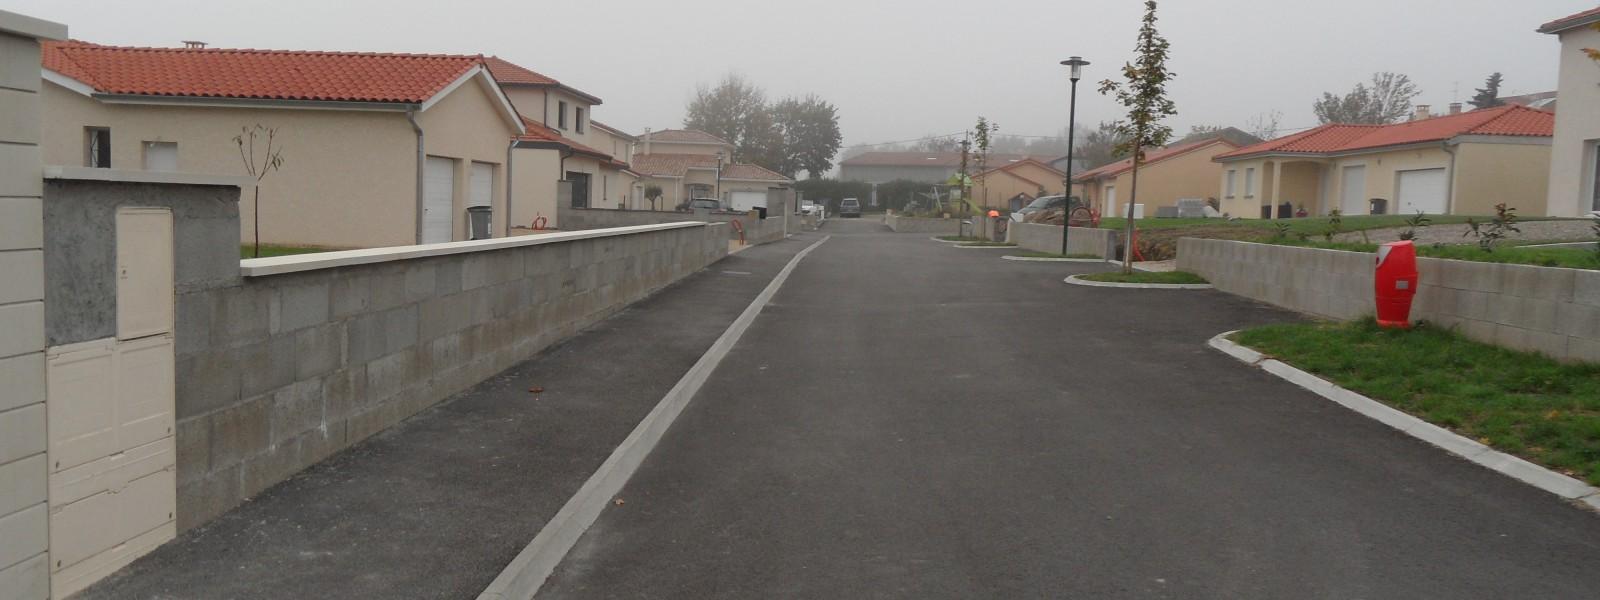 DE ST AMOND - Visuel 3 - Impact immobilier 01